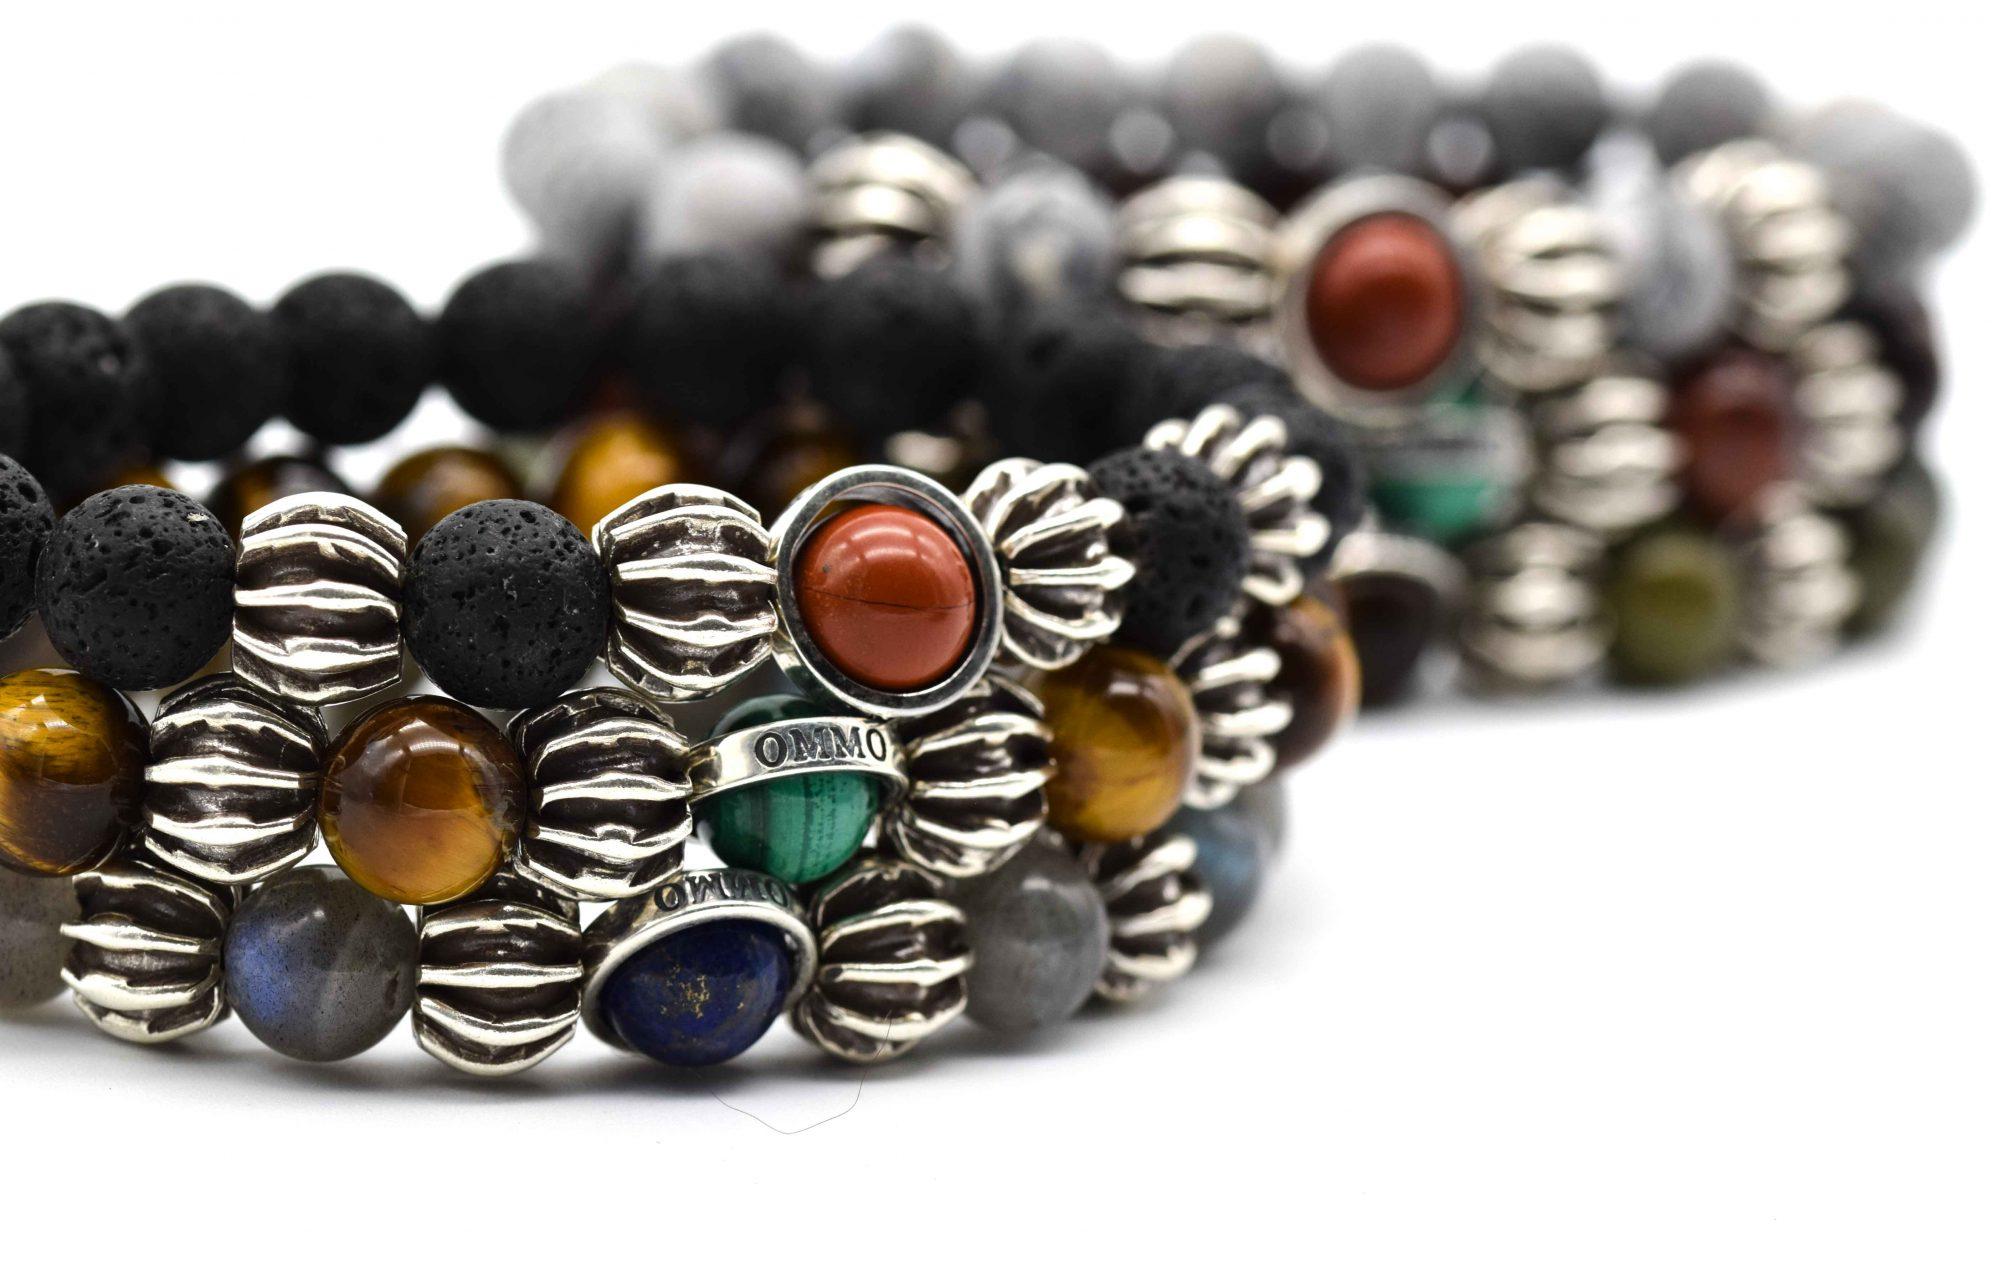 OMMO London bracelet, lava bracelet, red jasper bracelet, malachite bracelet, tiger's eye bracelet, lapis lazuli bracelet, onyx bracelet, labradorite bracelet, jasper bracelet